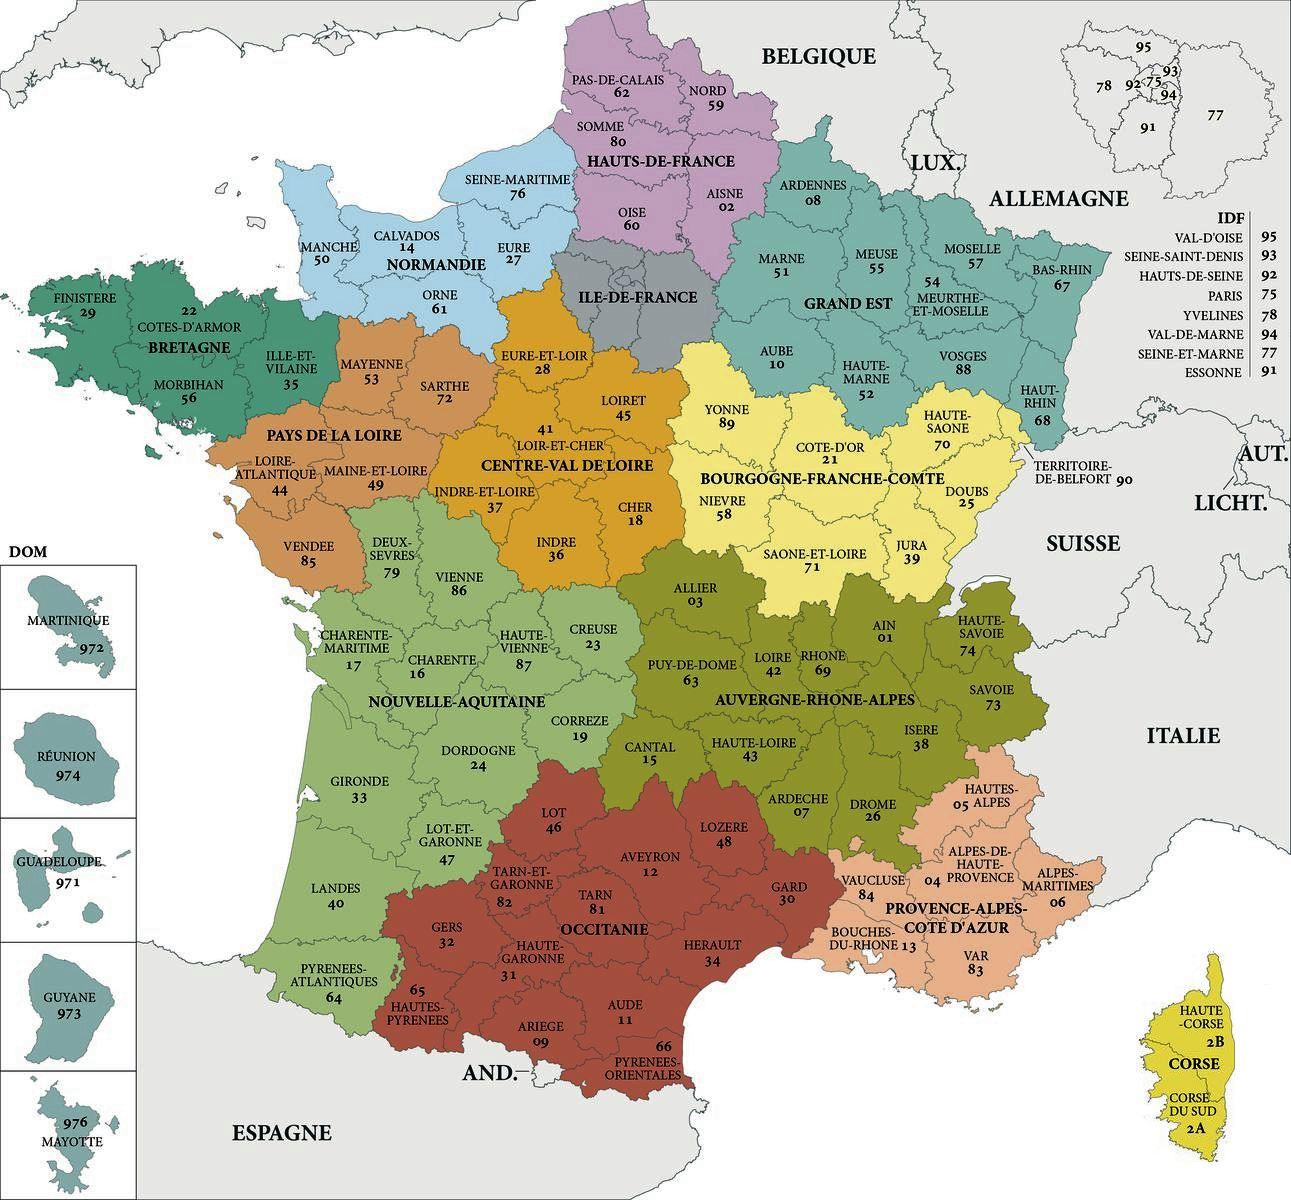 72 Departement Carte - Les Departements De France avec Département 30 Carte